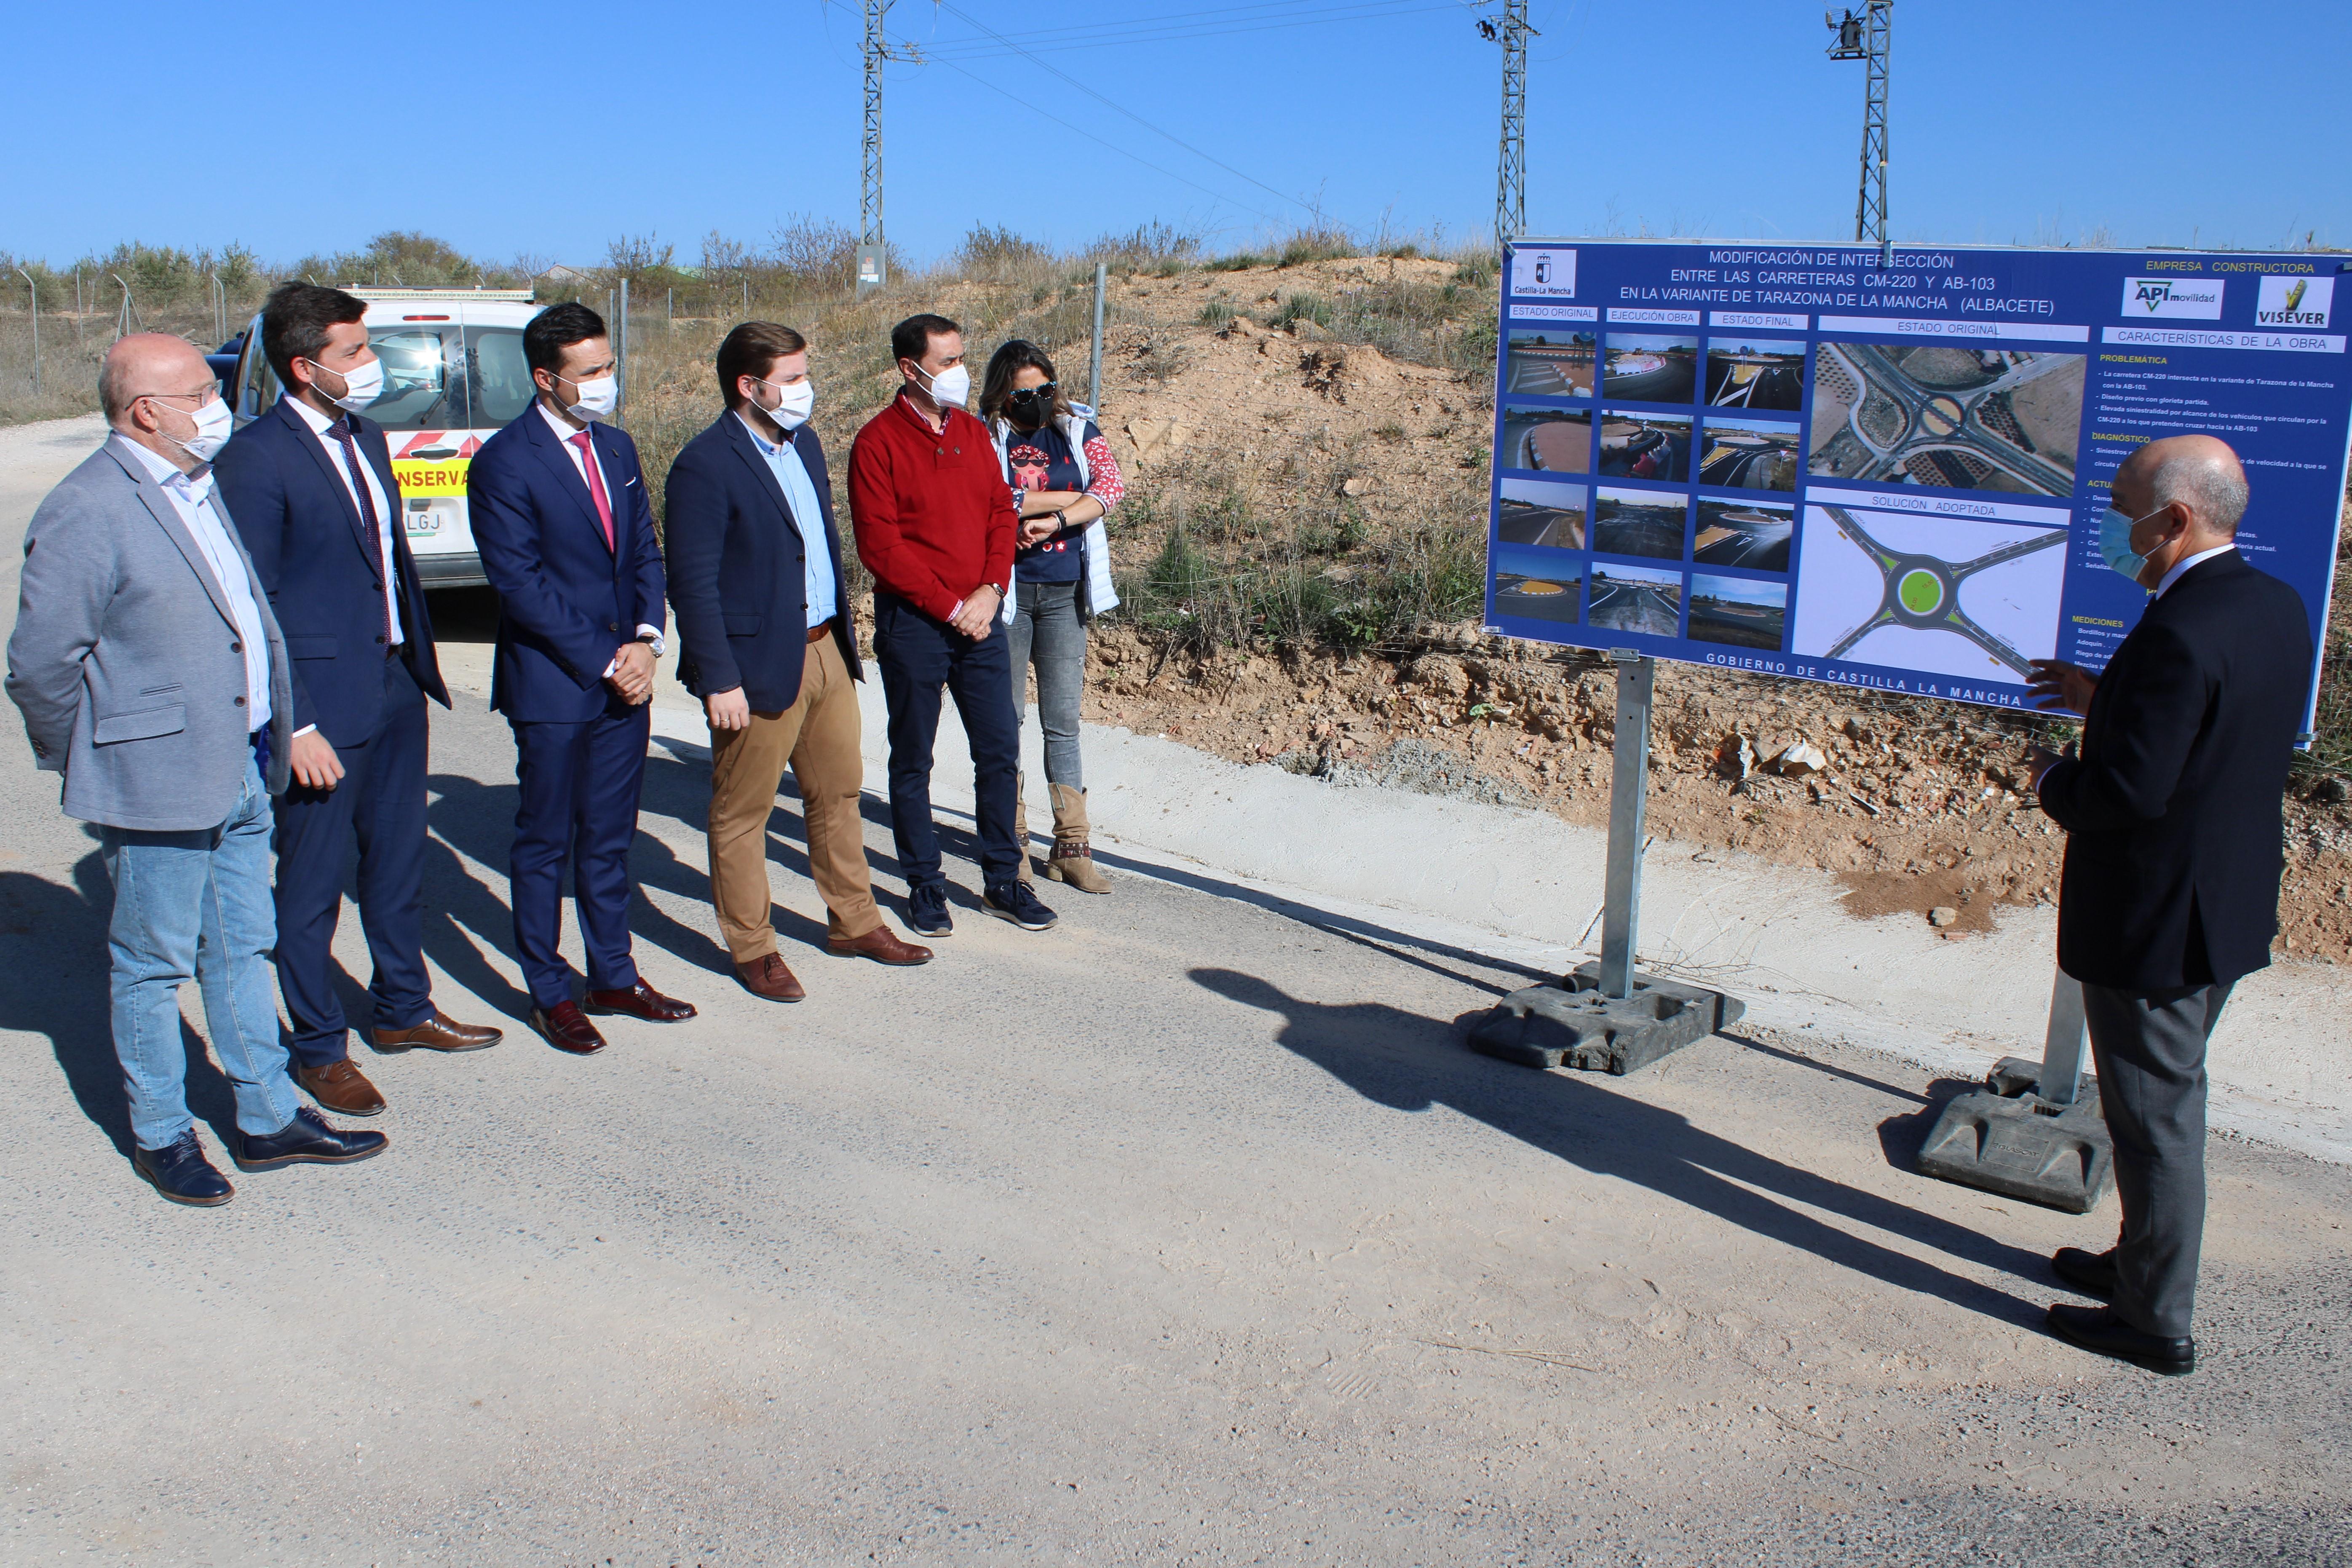 El Gobierno de Castilla-La Mancha duplicará la inversión destinada a la conservación de carreteras en el presupuesto de 2021